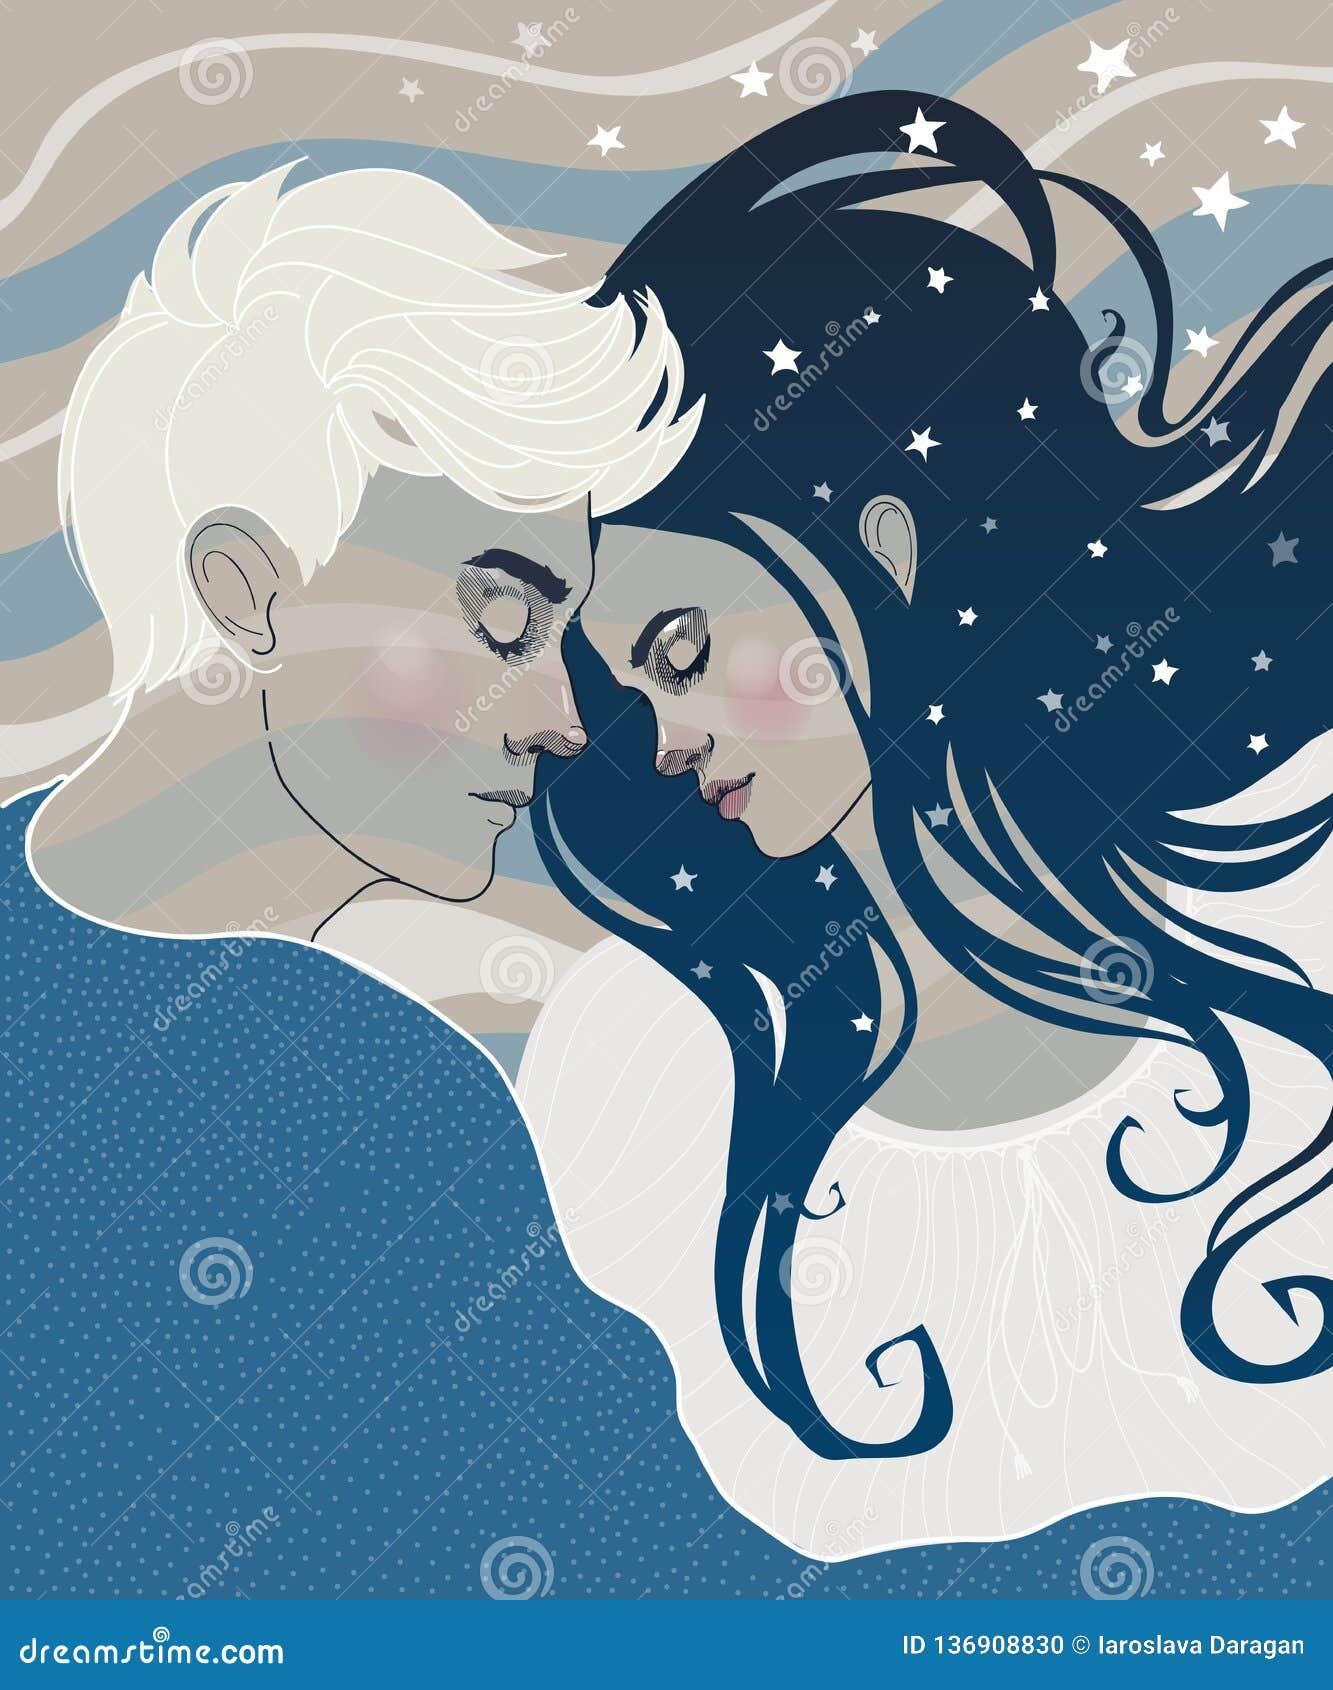 Belle coppie nel sonno del ragazzo e della ragazza di amore